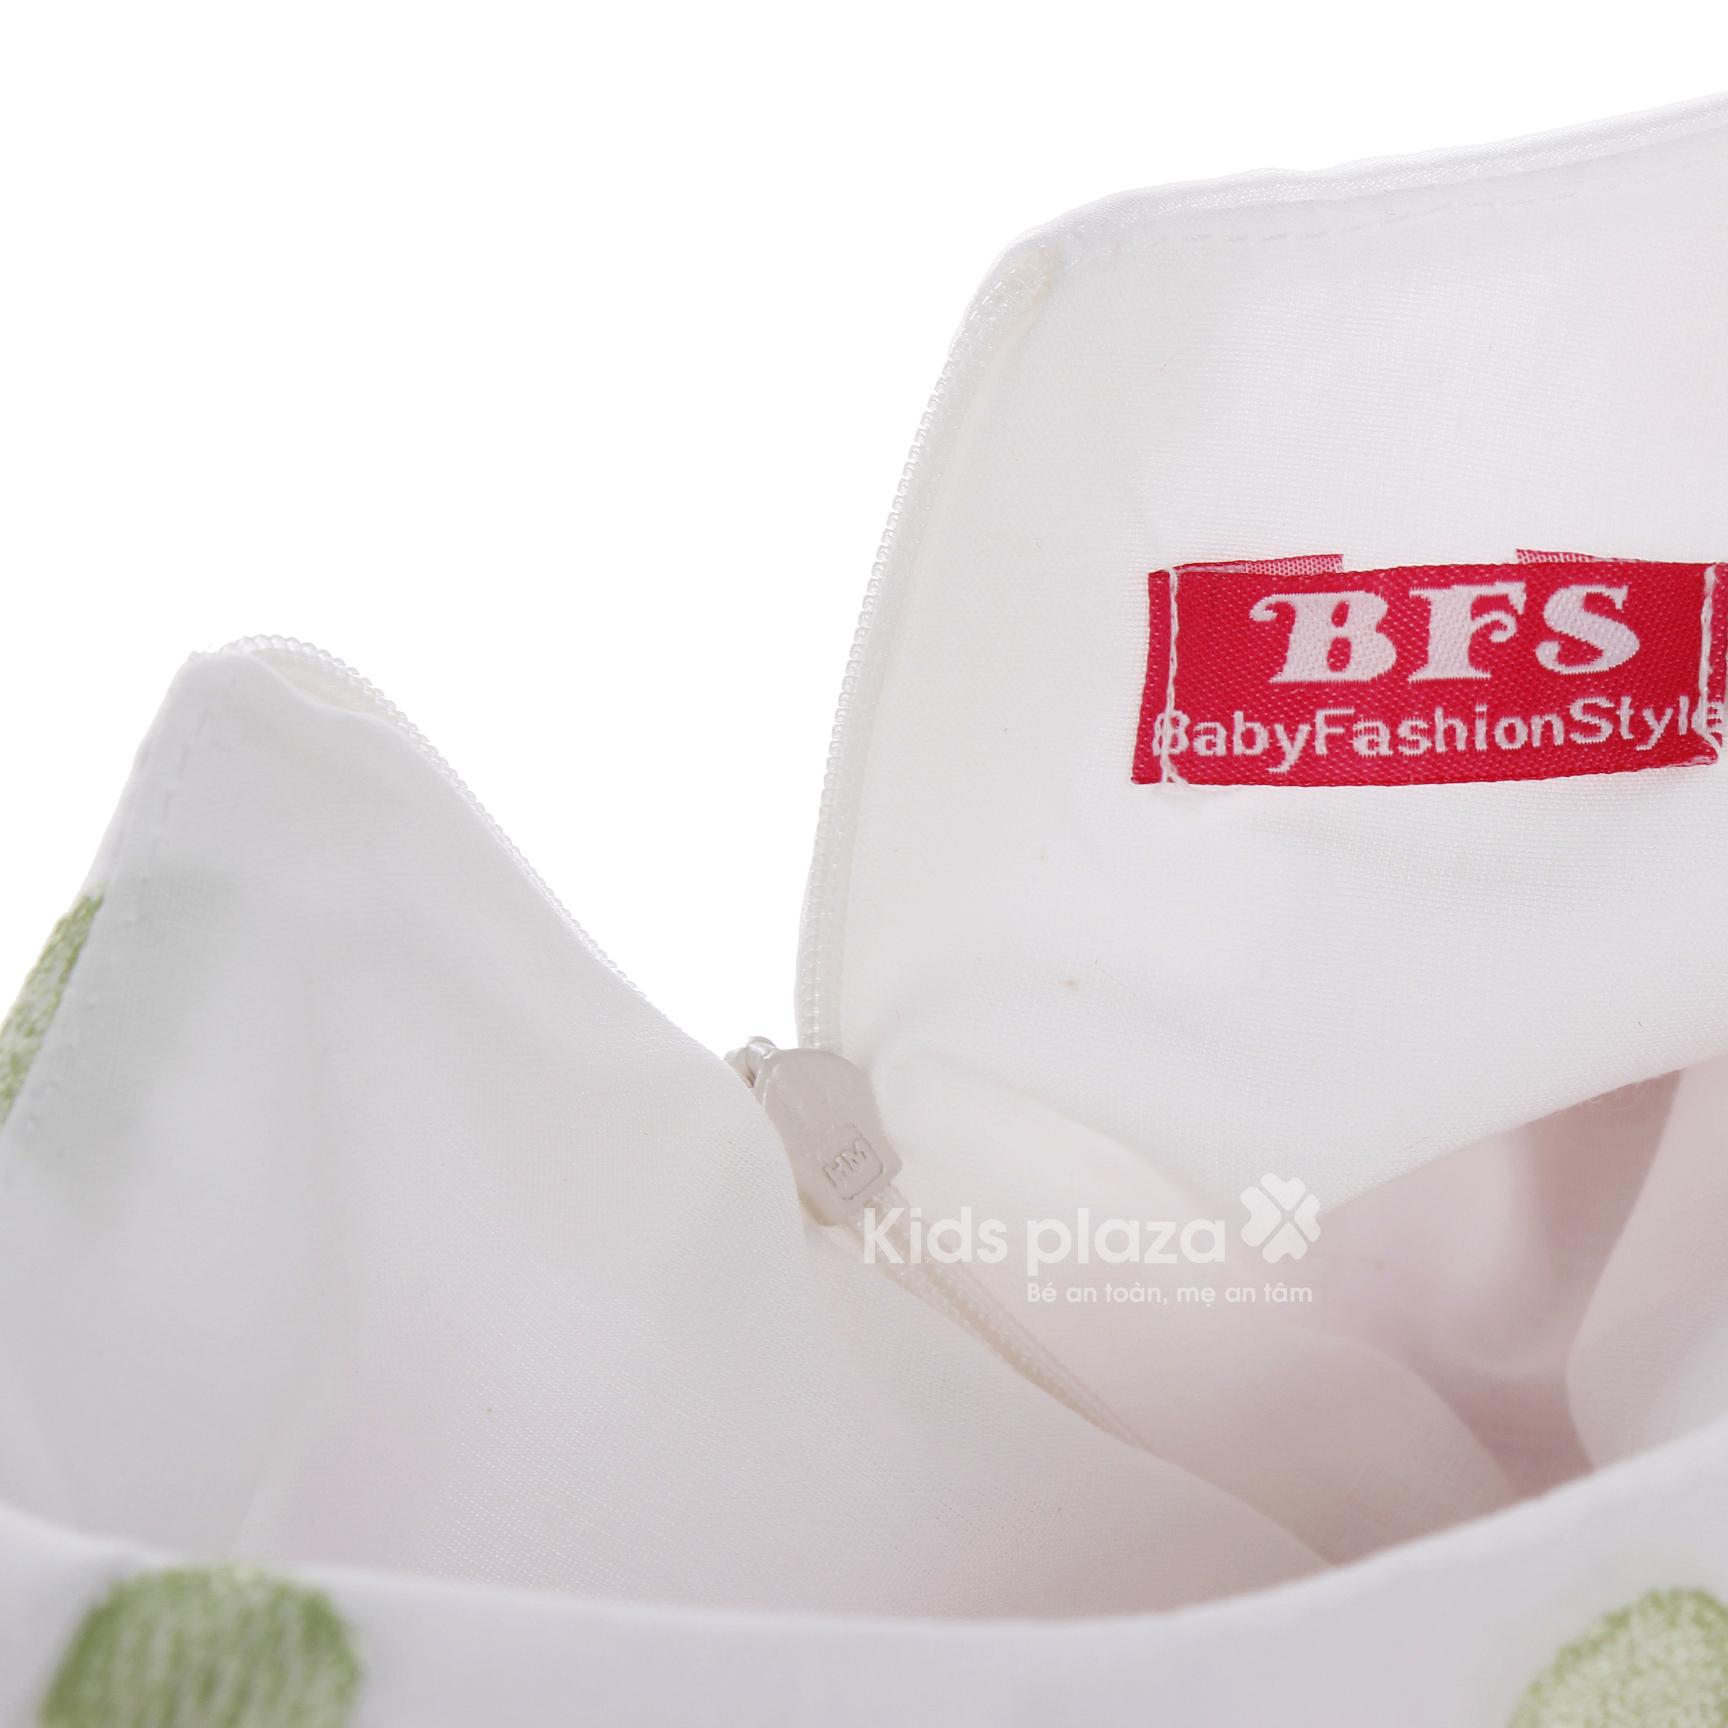 Váy bé gái chấm bi có nơ BFS nổi bật cùng bé